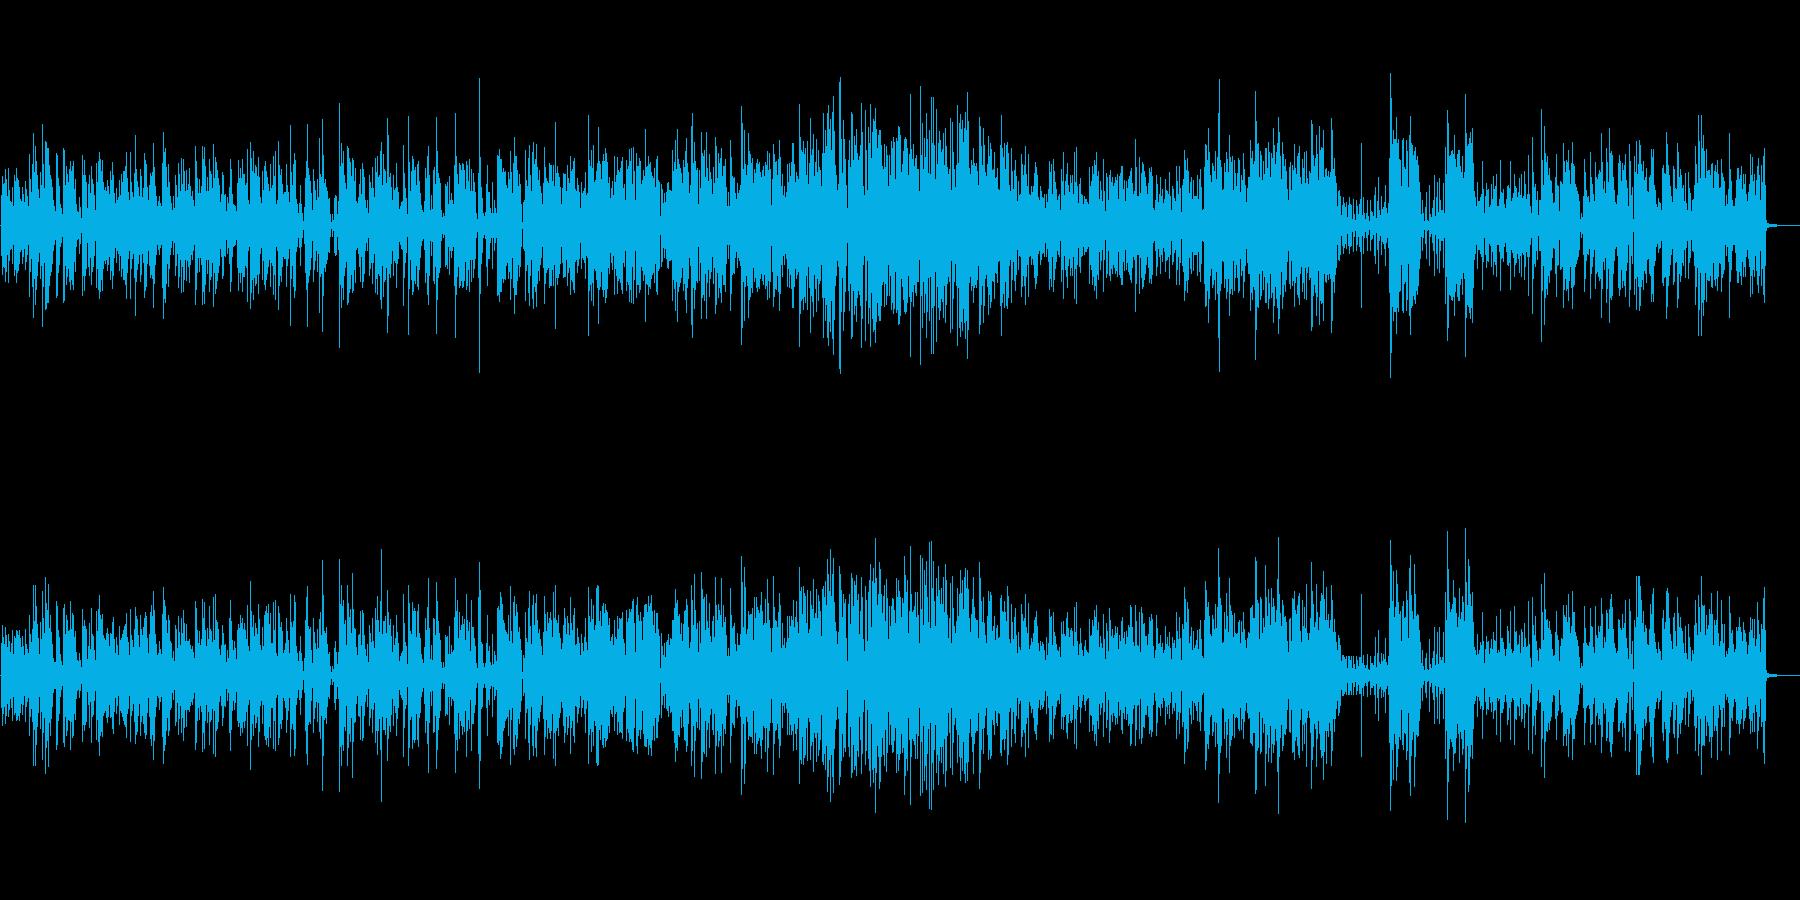 スタンダードジャズのピアノトリオの再生済みの波形